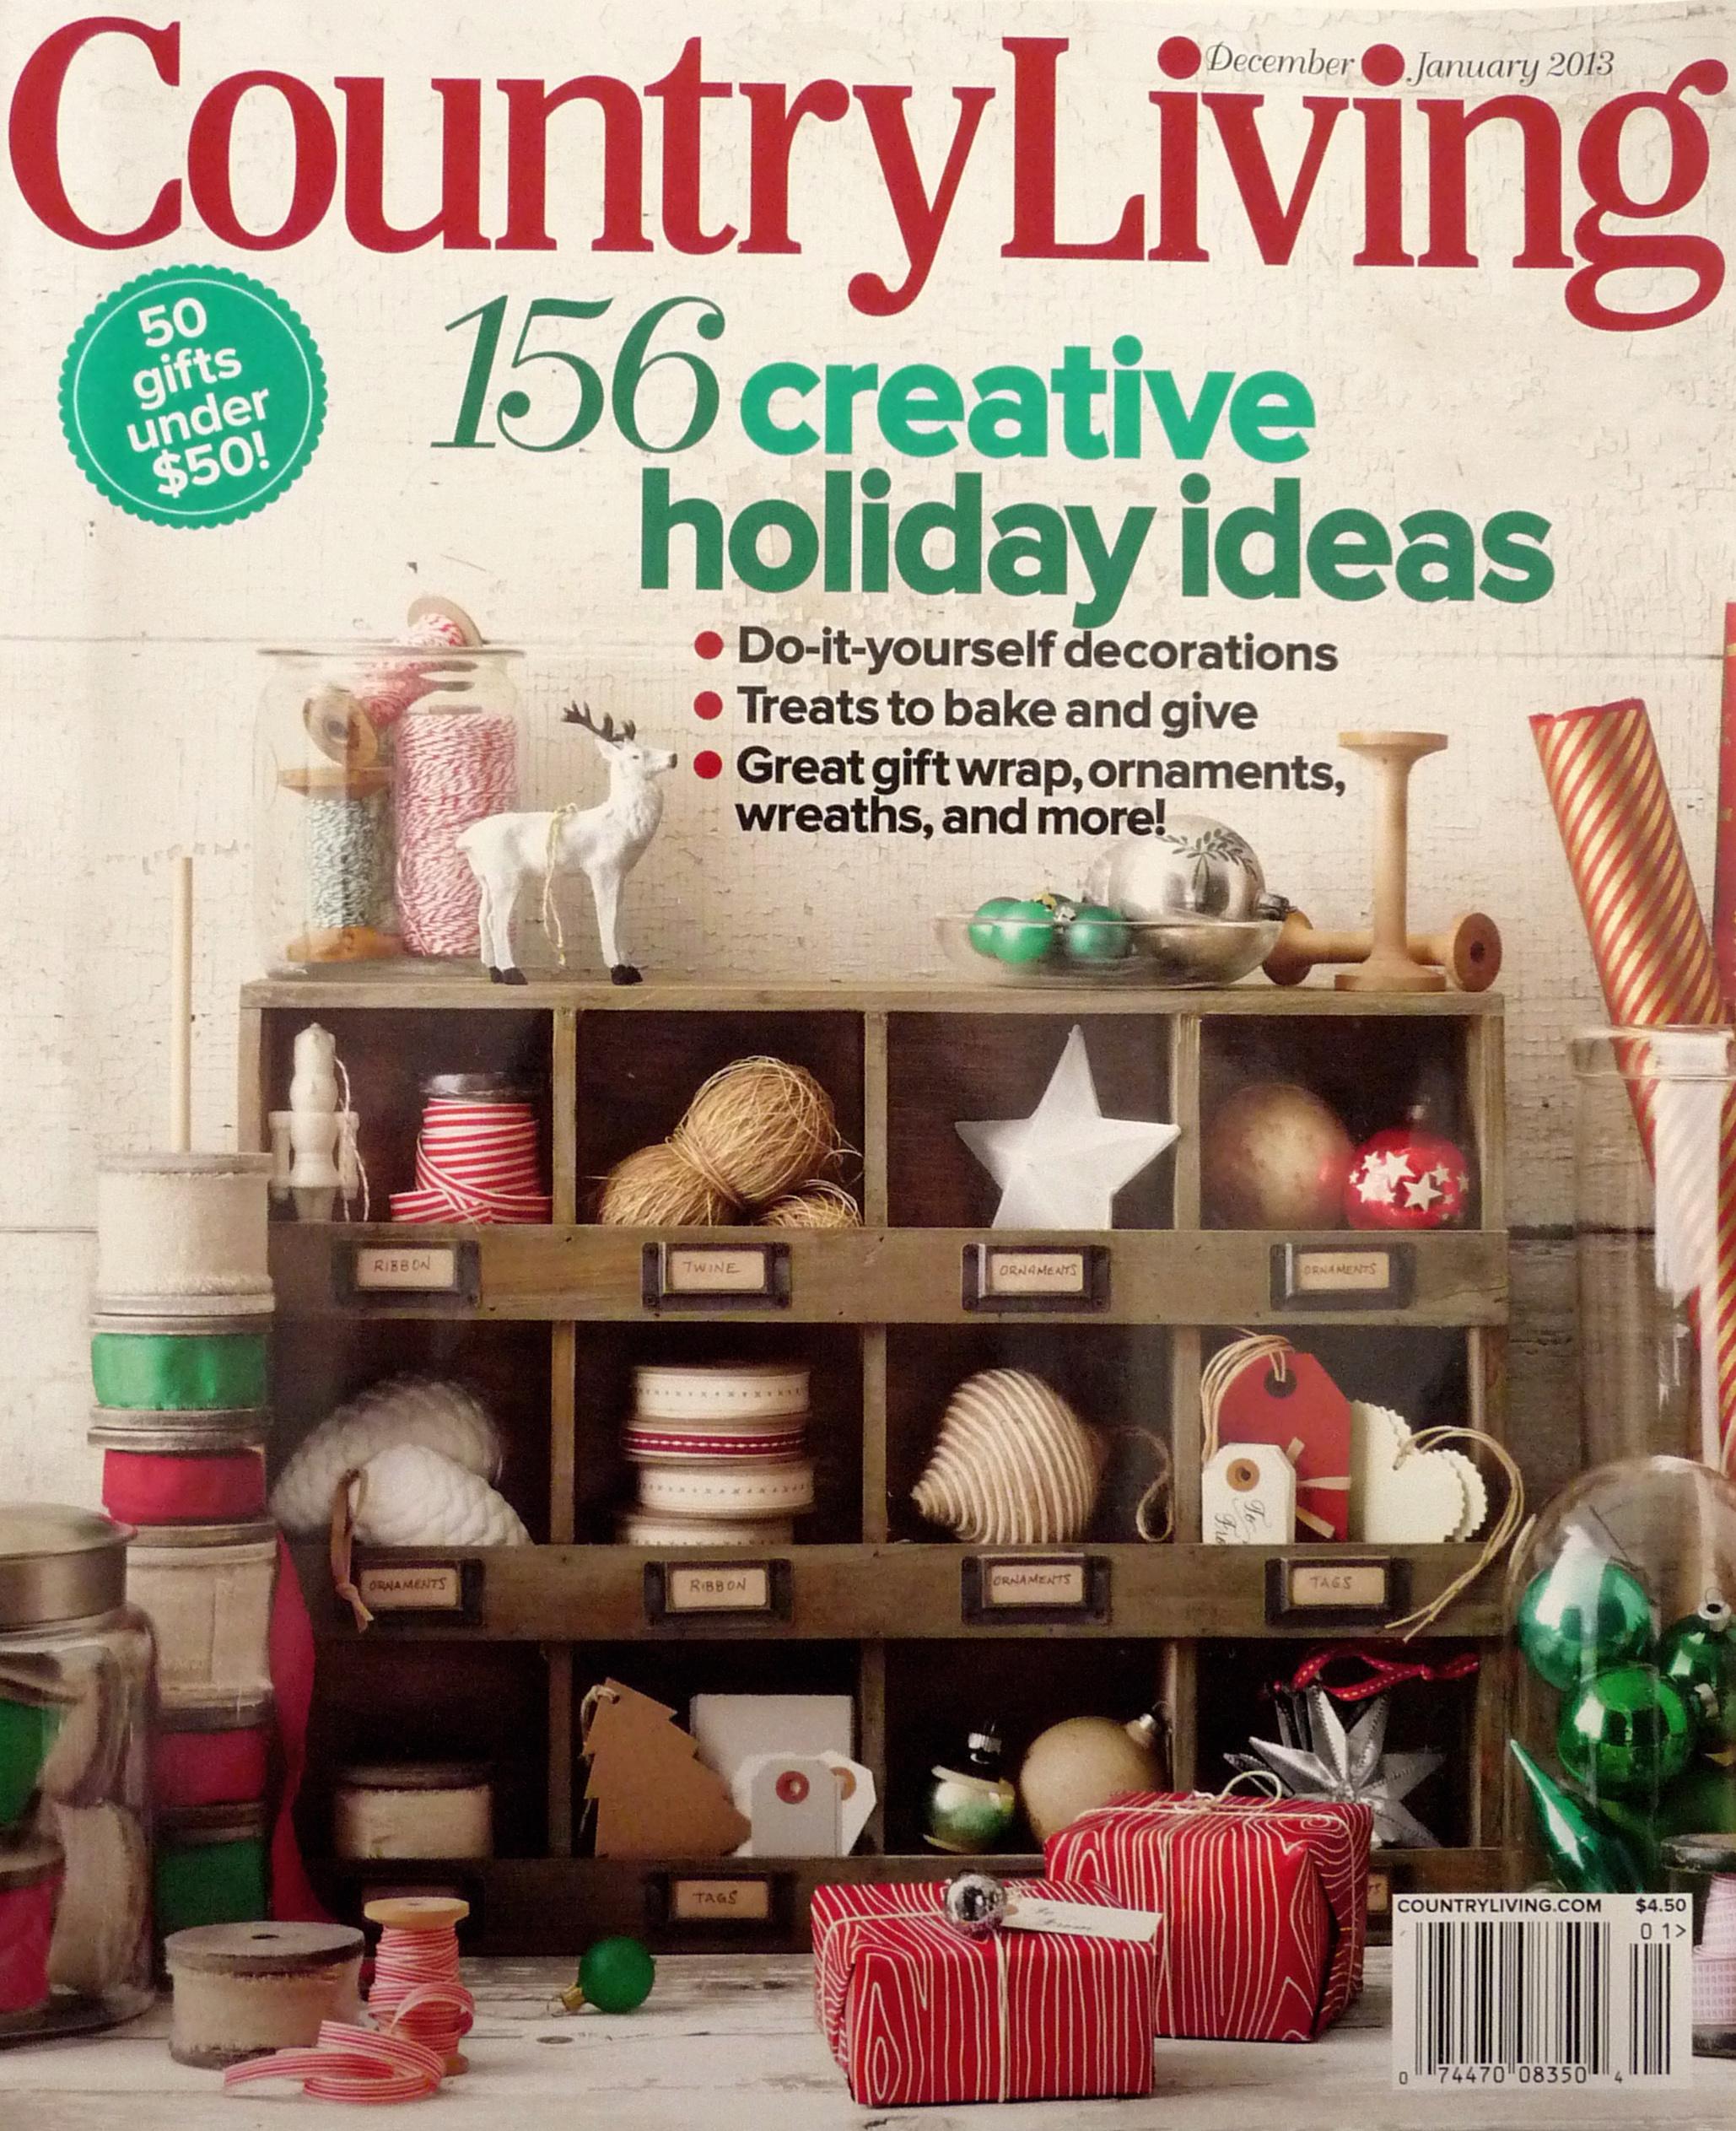 country living december 2012 cover.jpg